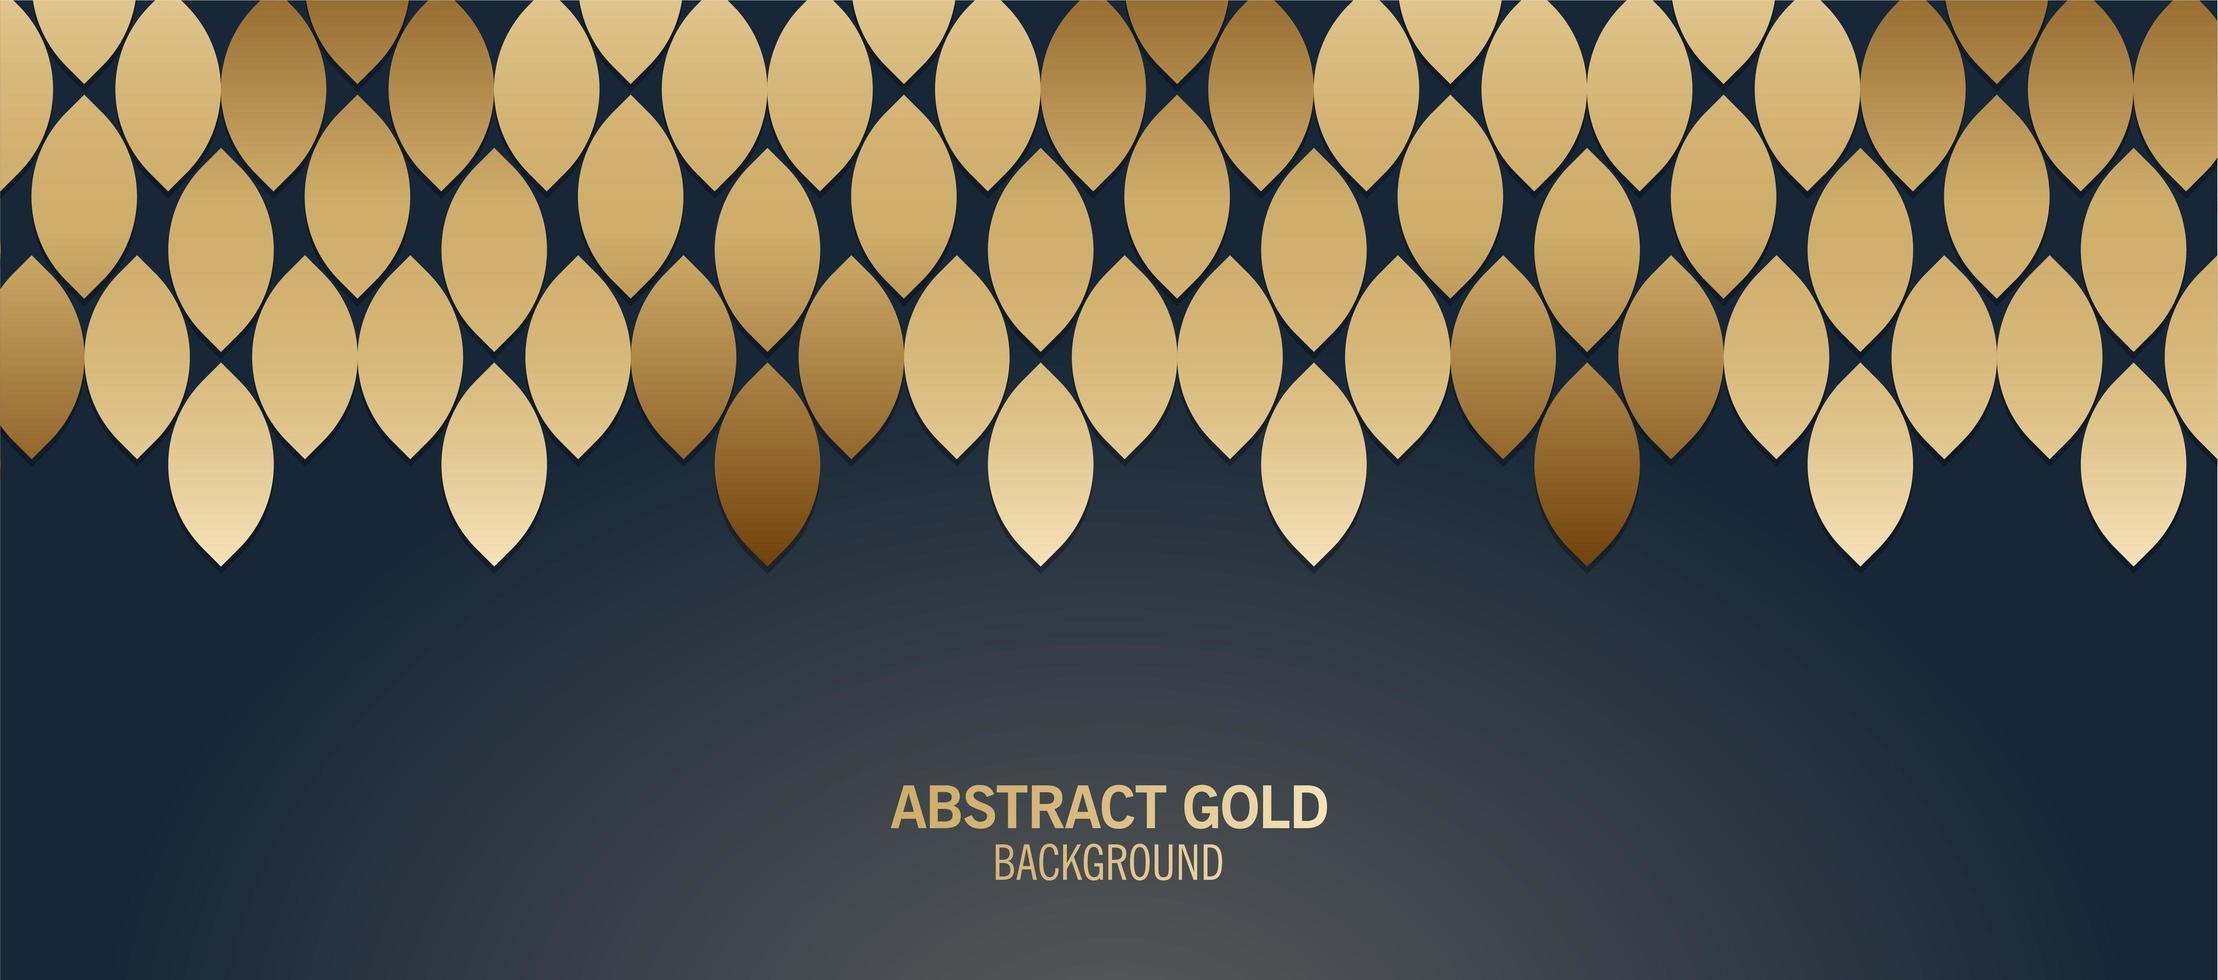 elegante patrón abstracto azul y dorado vector